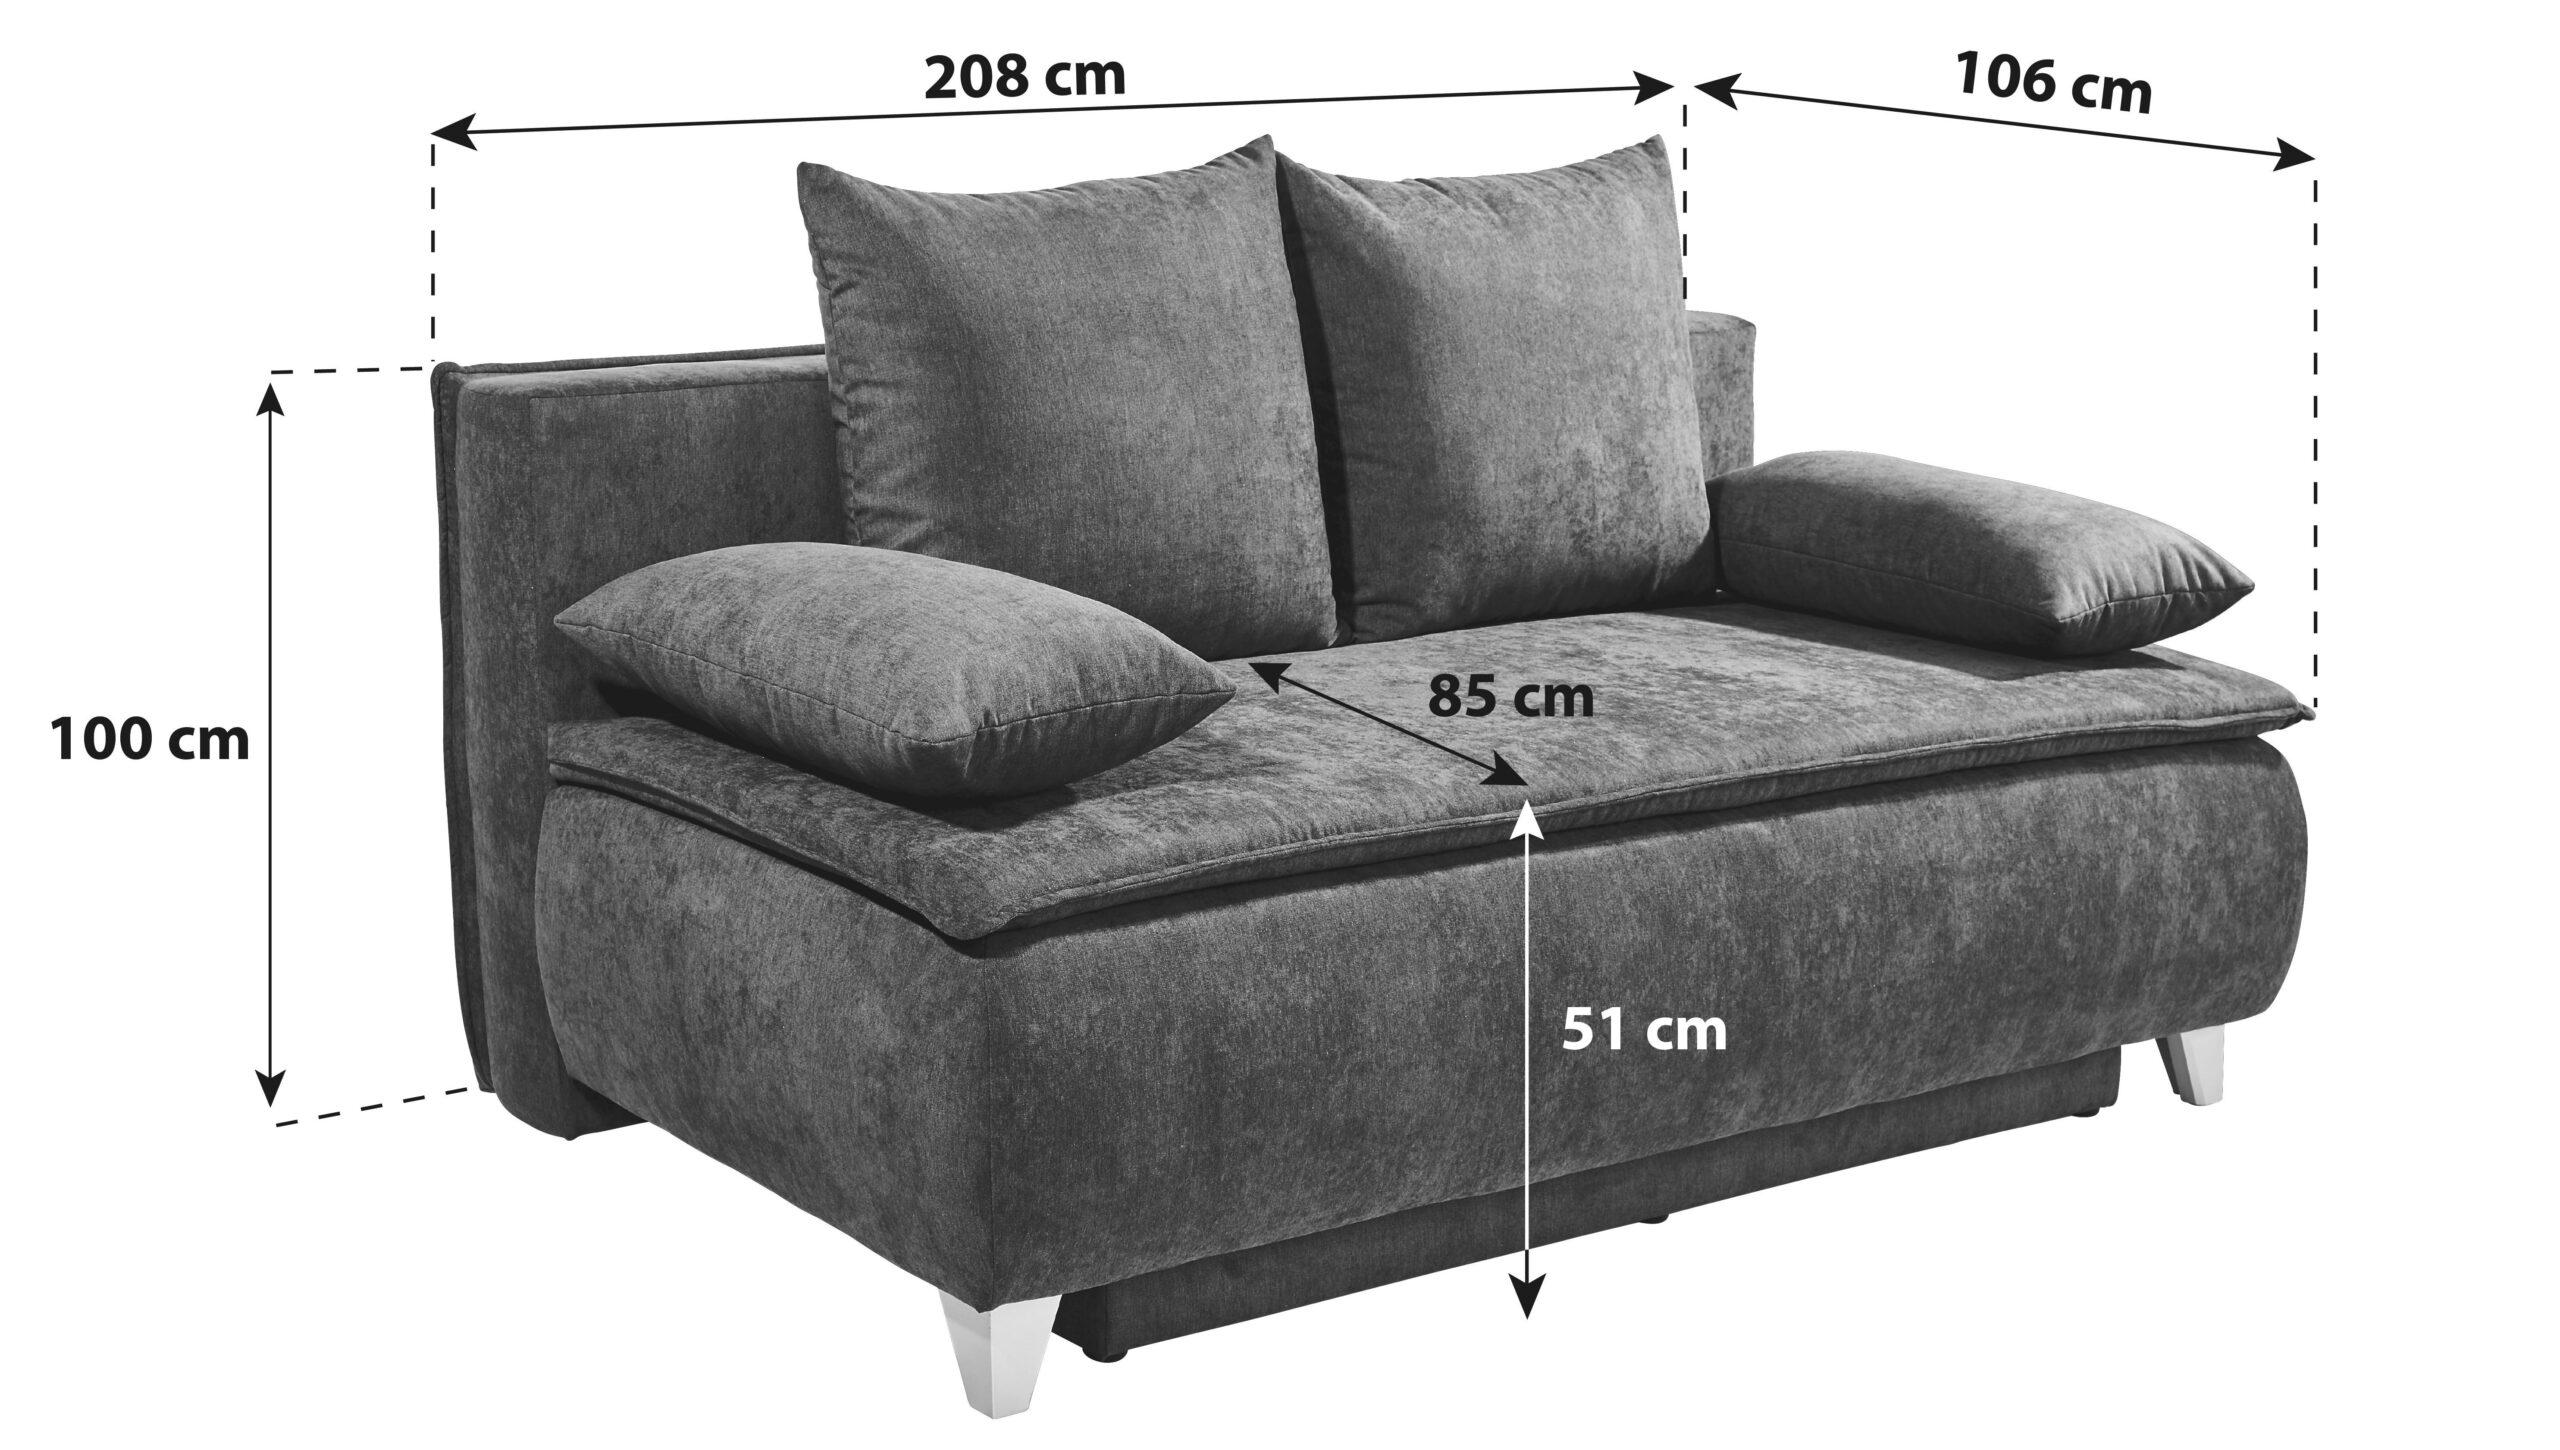 Full Size of Großes Sofa Mit Bettfunktion Sofas Online Kaufen Mbelix Günstig Canape Lila Mitarbeitergespräche Führen Halbrund Echtleder Schlaffunktion Federkern Wohnzimmer Großes Sofa Mit Bettfunktion